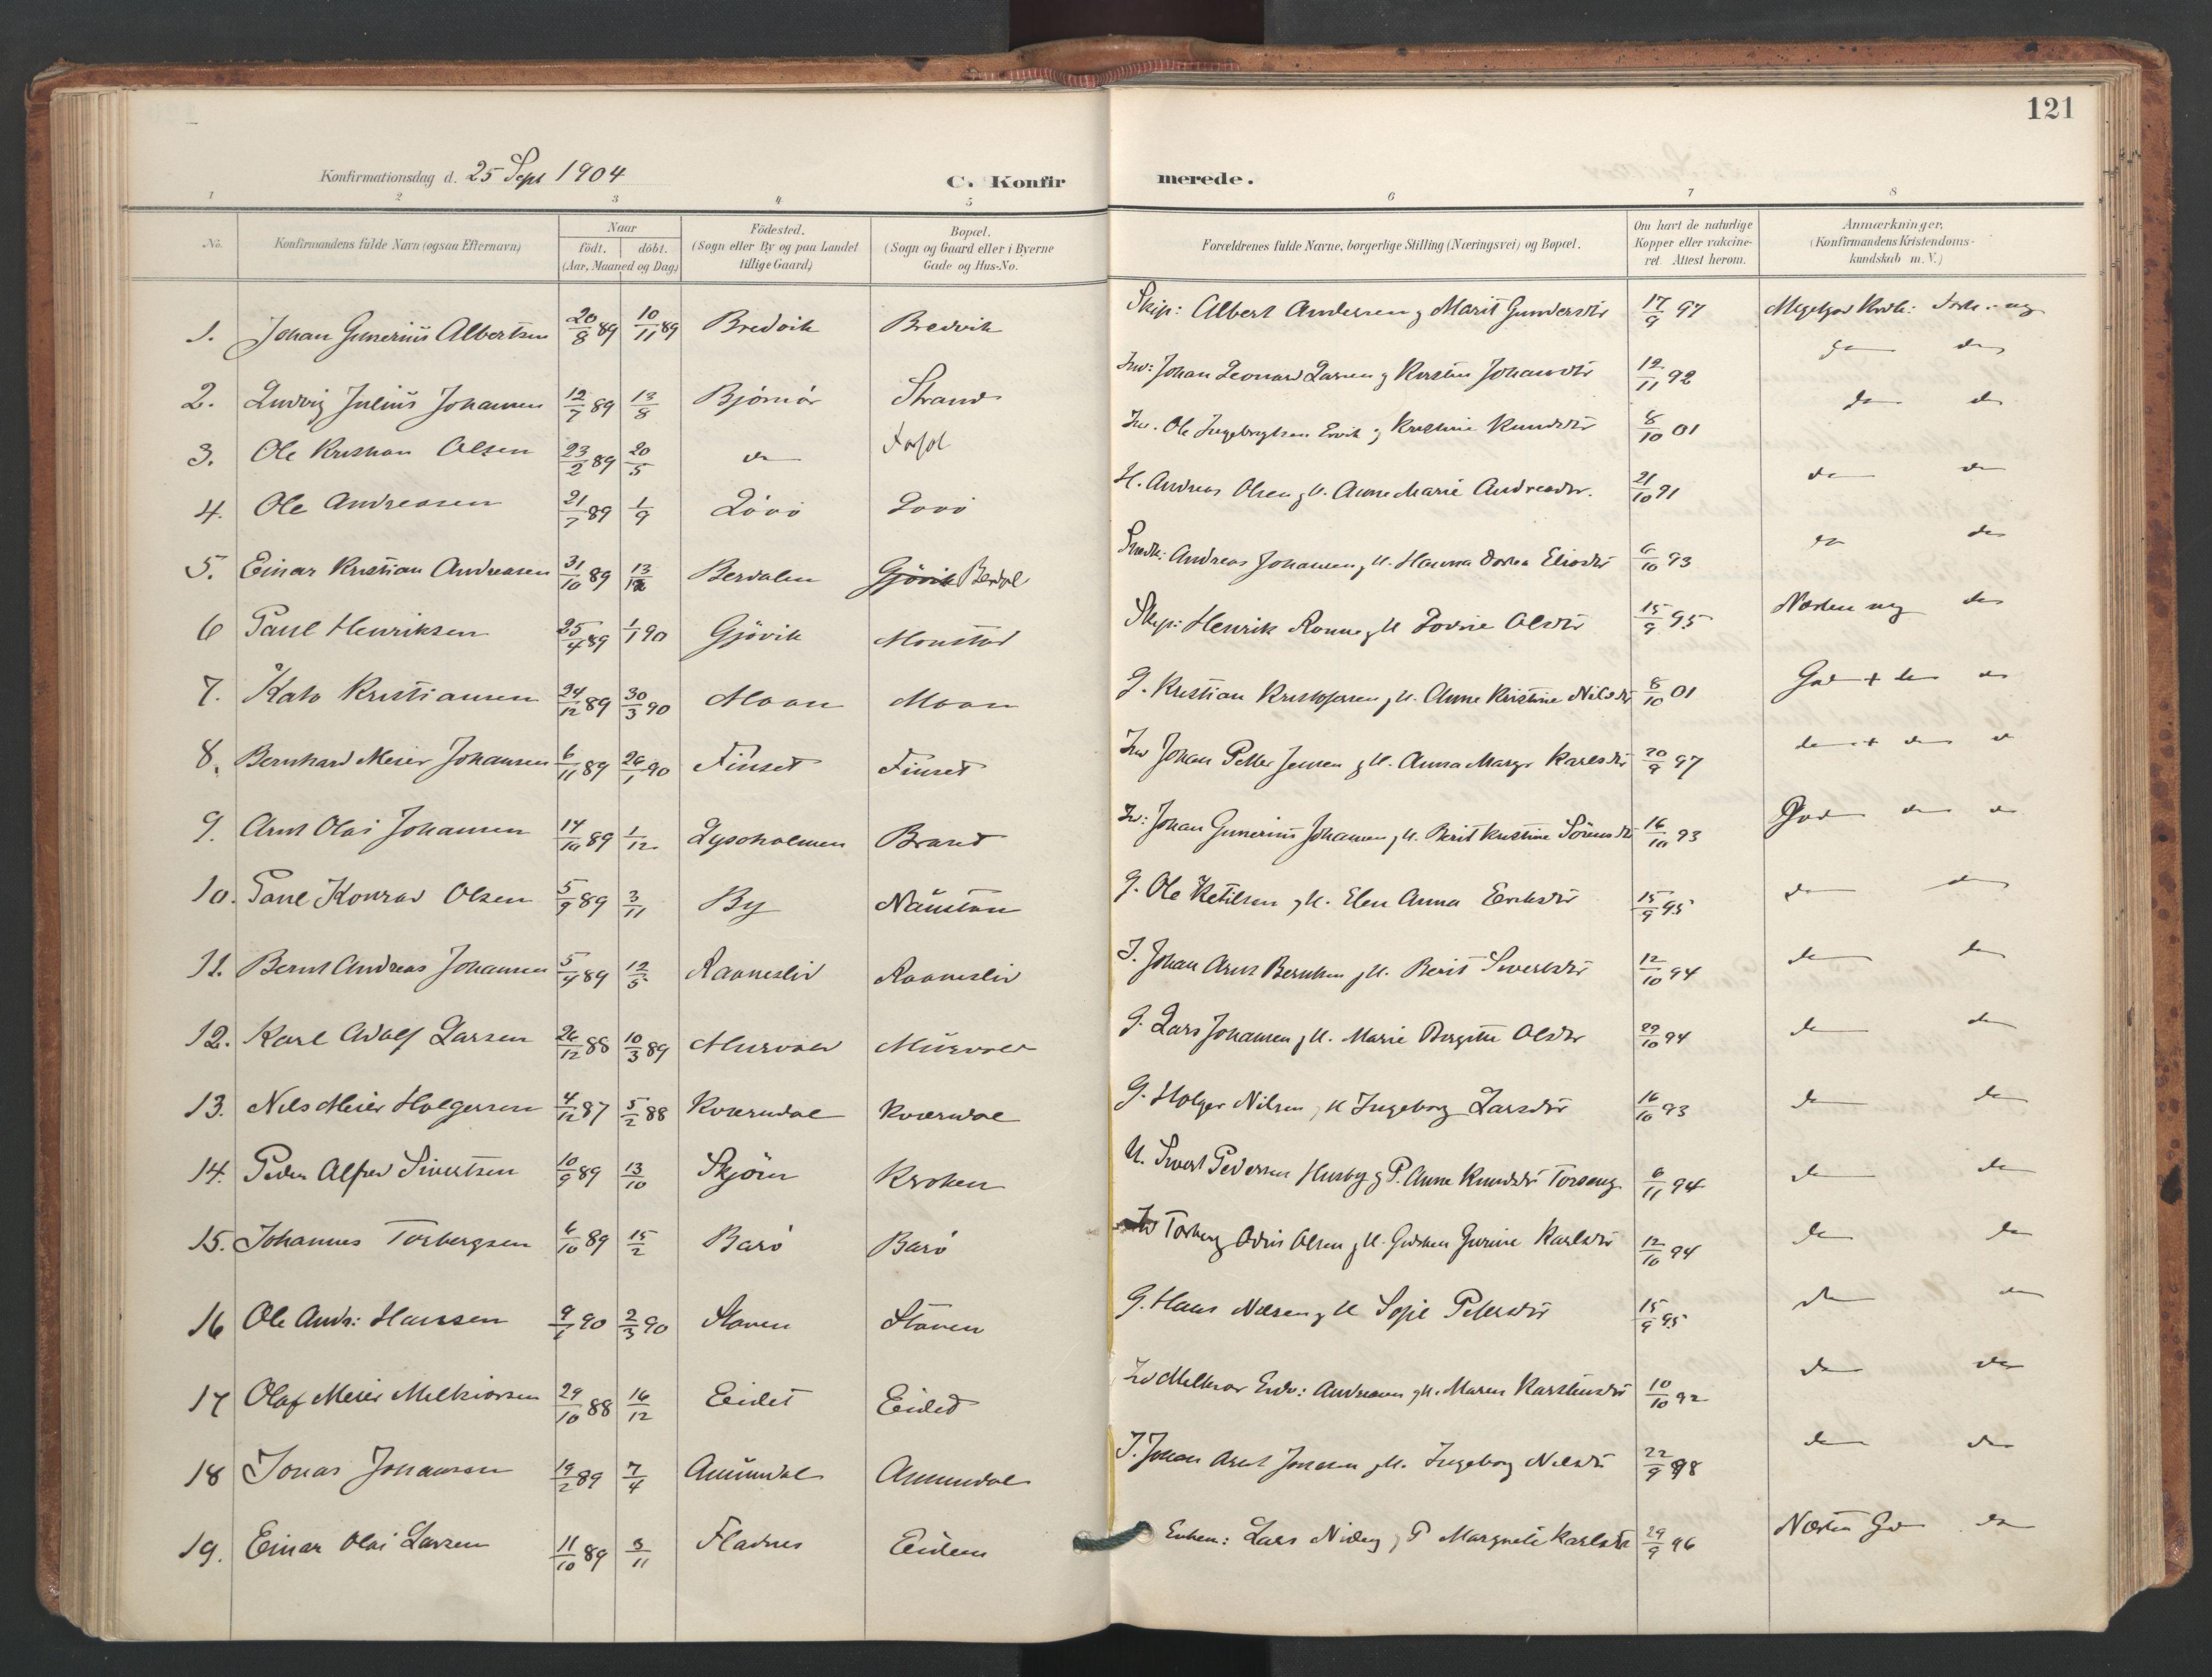 SAT, Ministerialprotokoller, klokkerbøker og fødselsregistre - Sør-Trøndelag, 655/L0681: Ministerialbok nr. 655A10, 1895-1907, s. 121